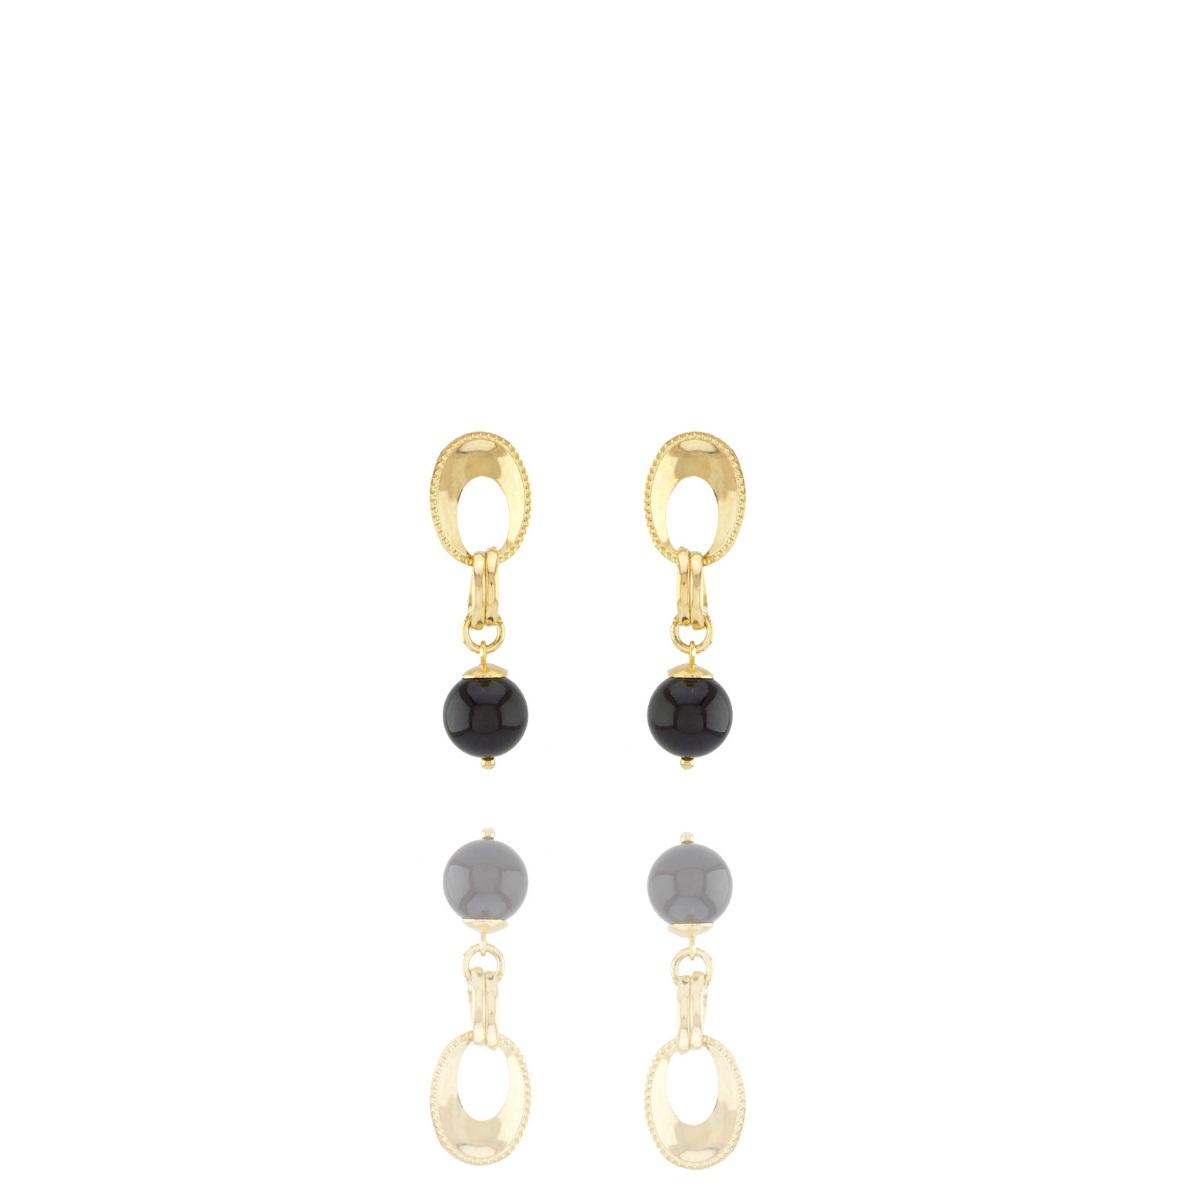 Brinco Barbara Strauss Petro Em Resina Lalique Preta,Revestido Em Ouro 18K